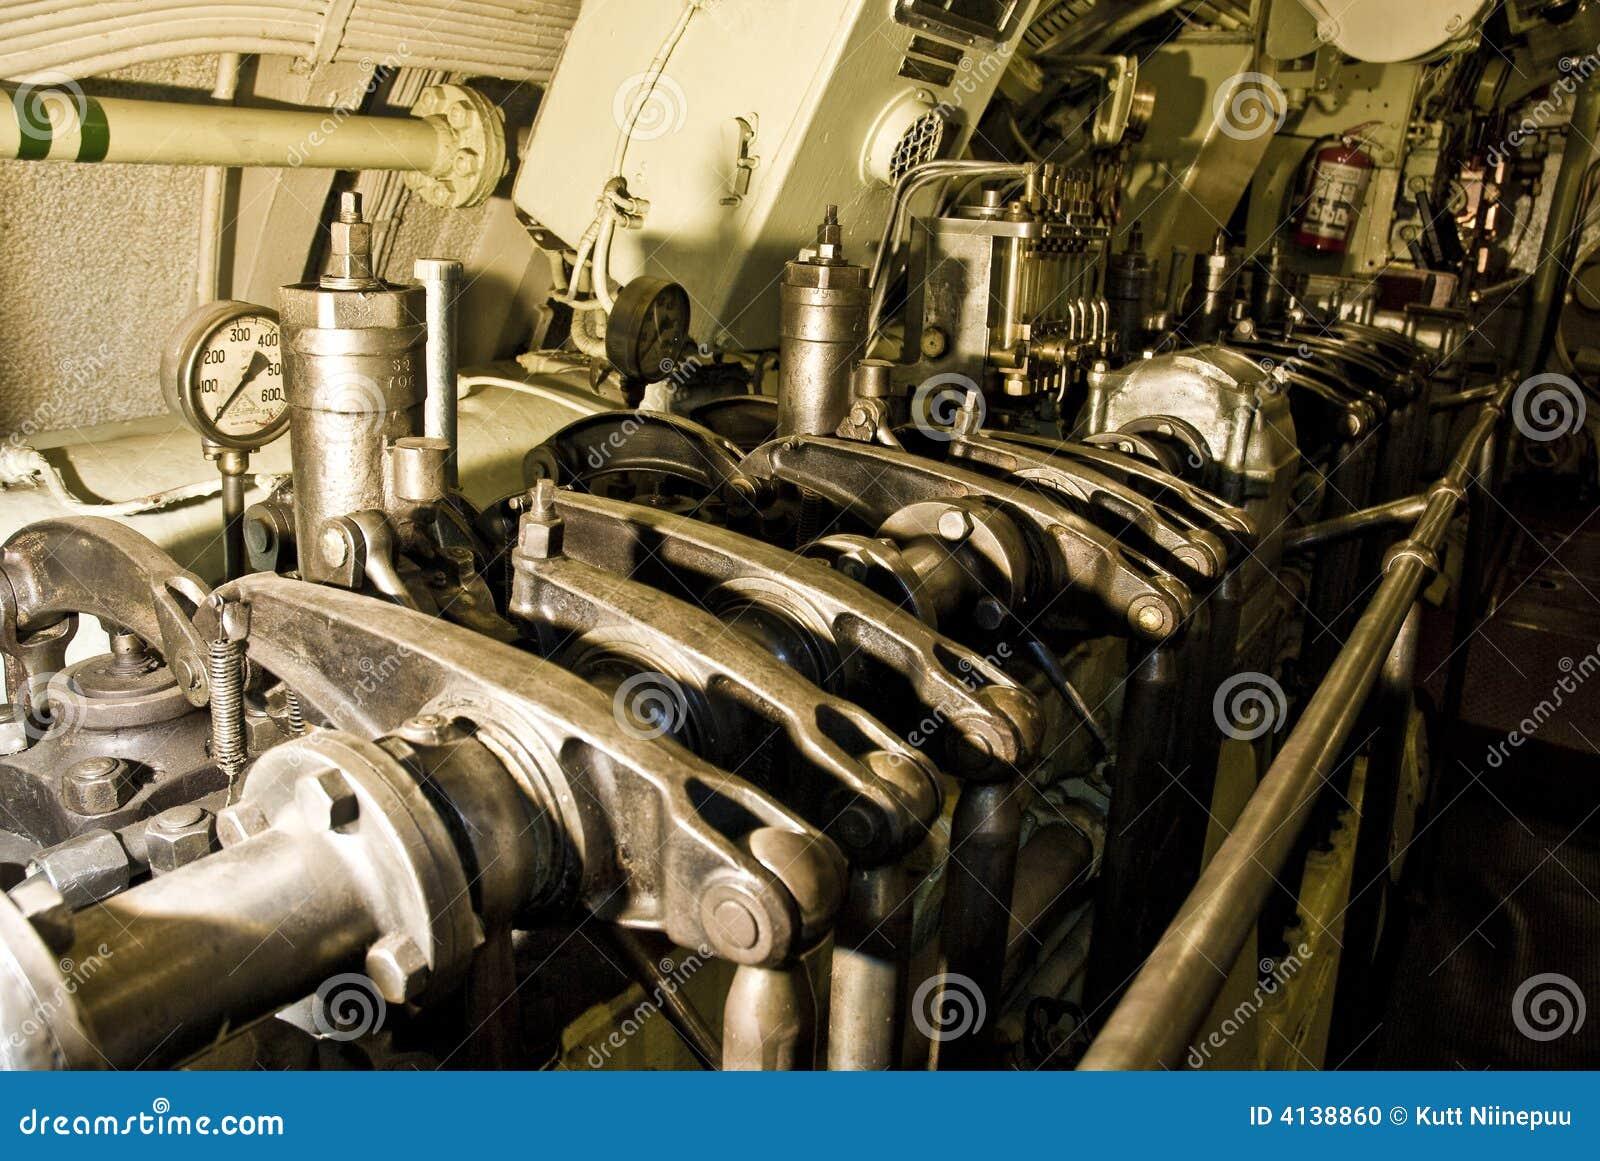 引擎潜水艇